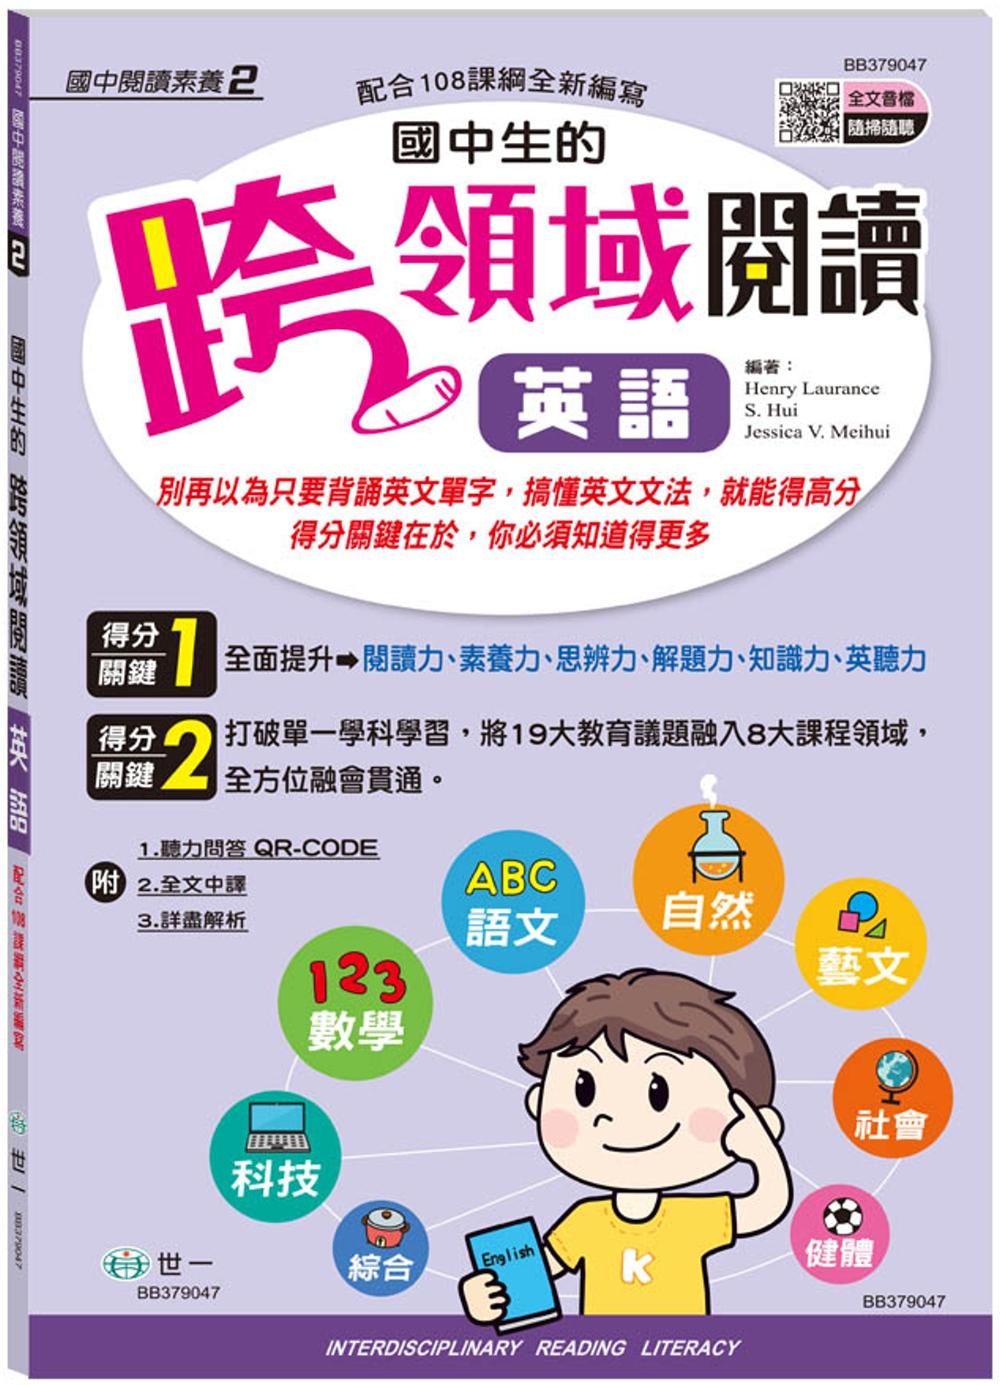 國中生的跨領域閱讀英語